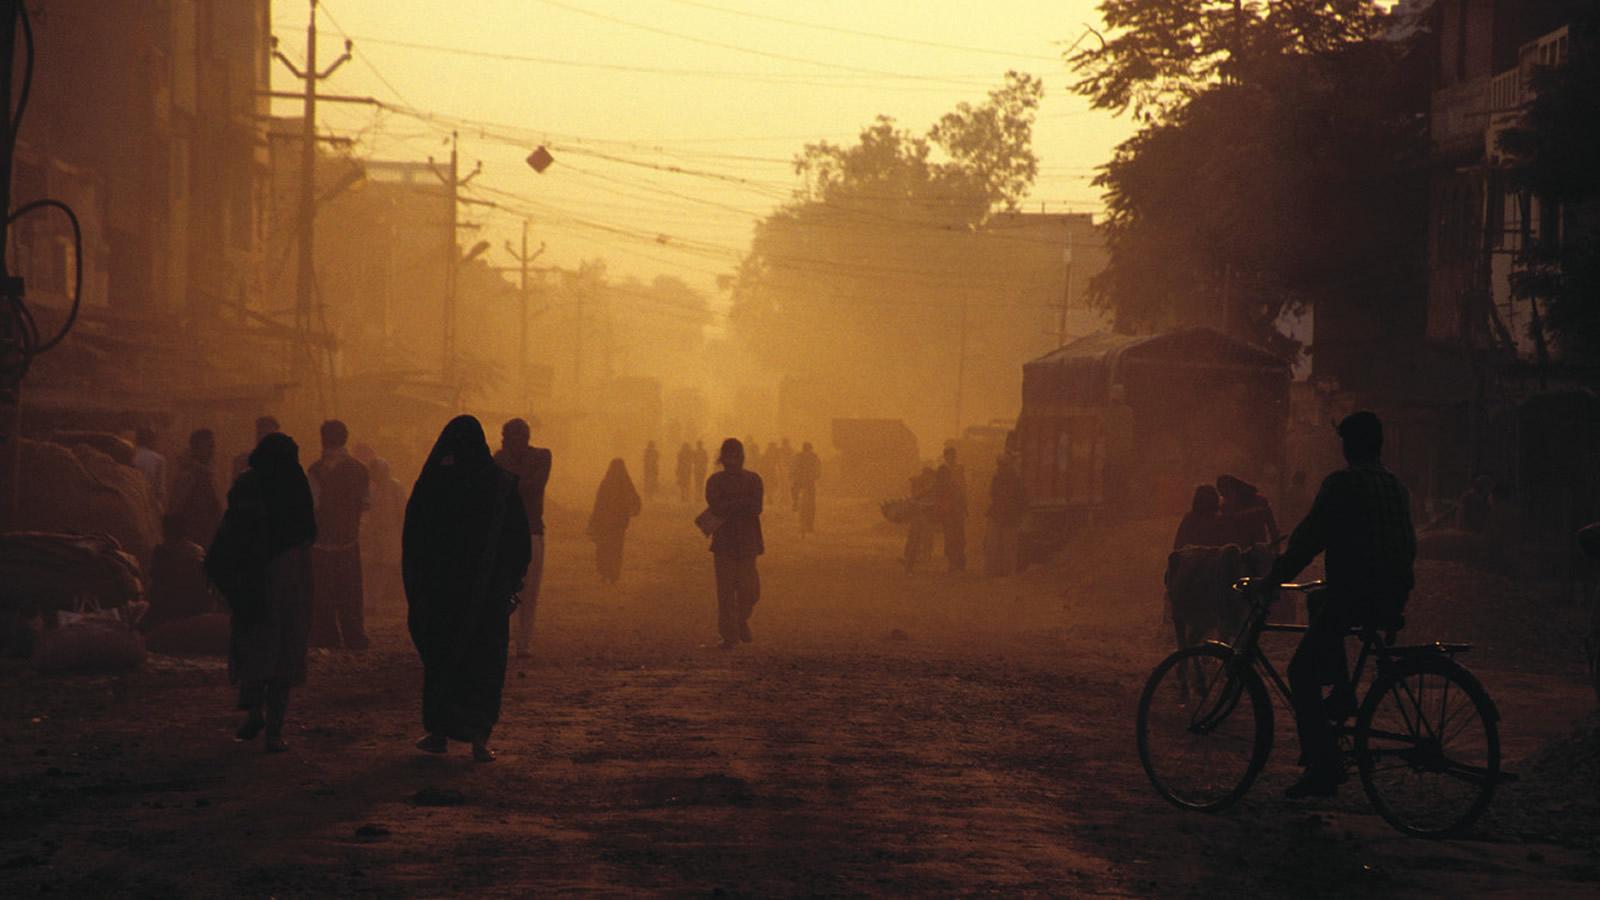 People Walking on Dusty Street